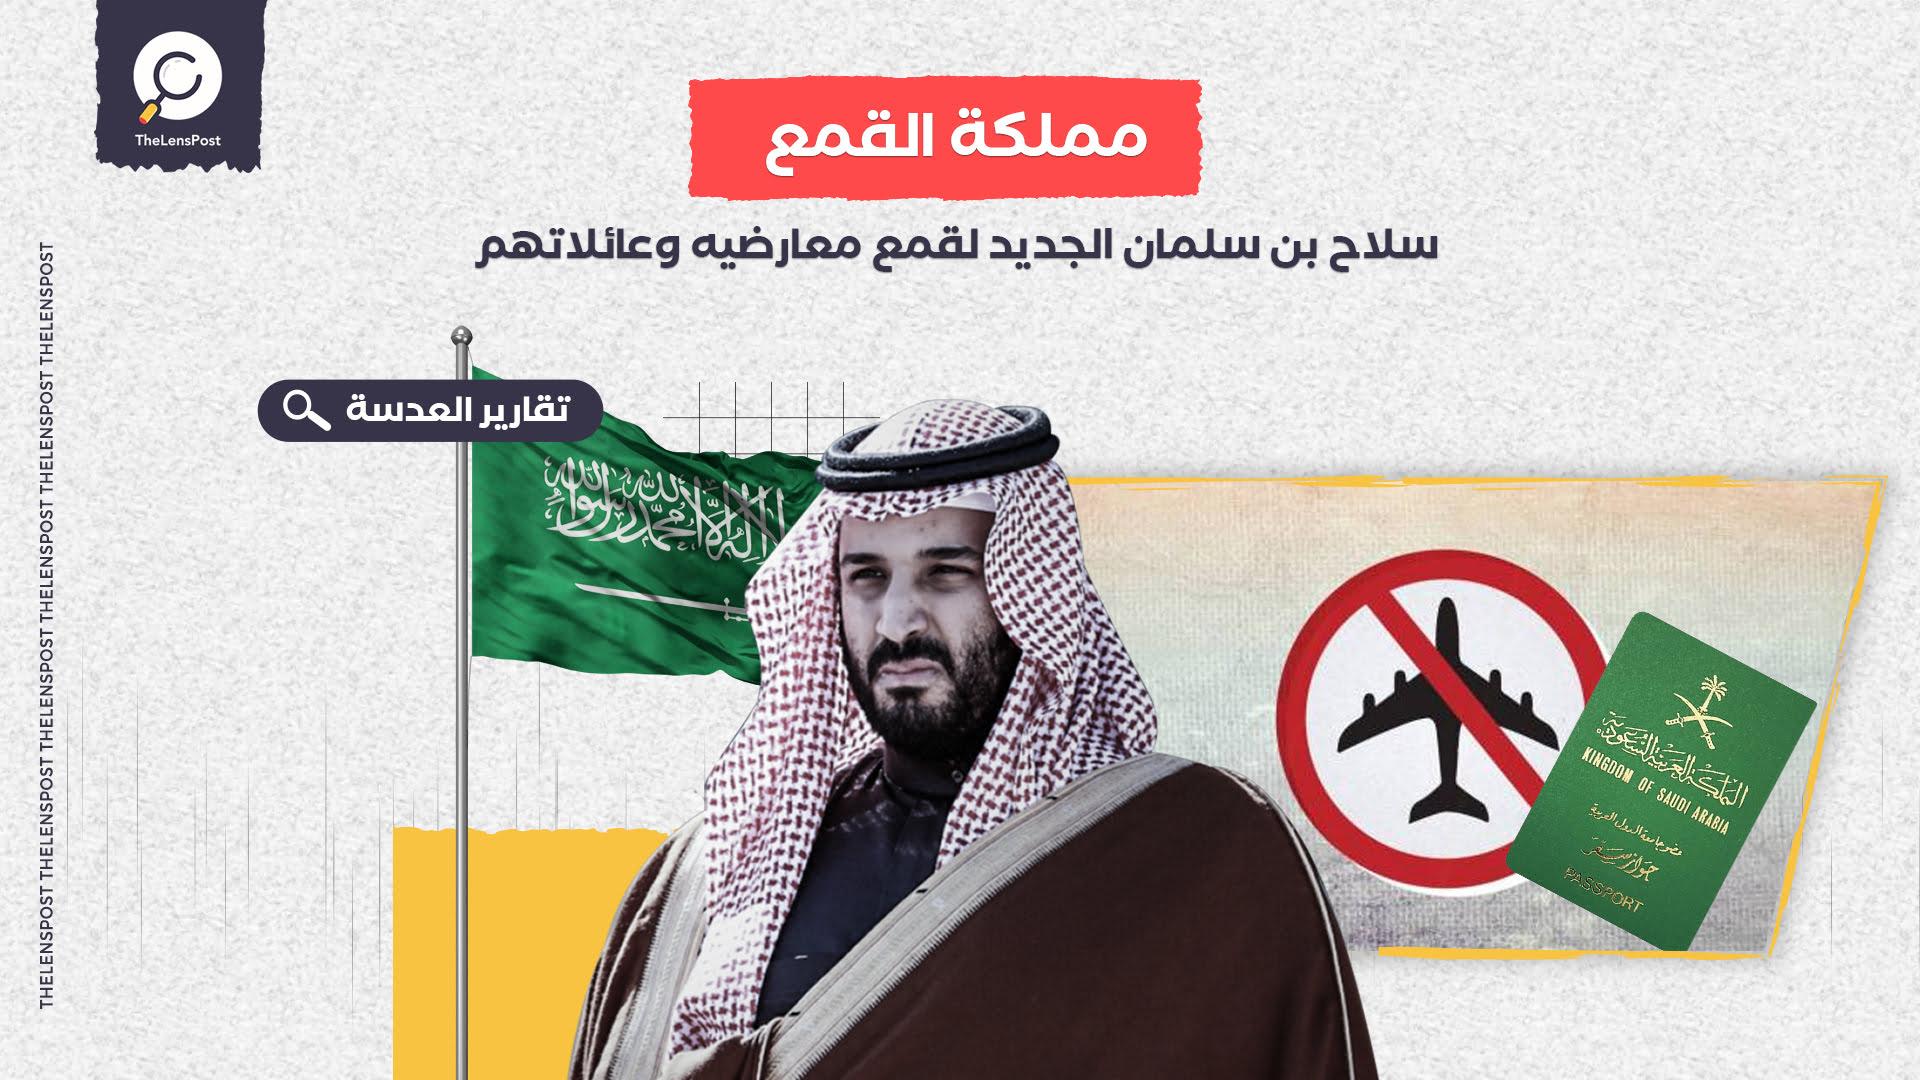 المنع من السفر.. سلاح بن سلمان الجديد لقمع معارضيه وعائلاتهم